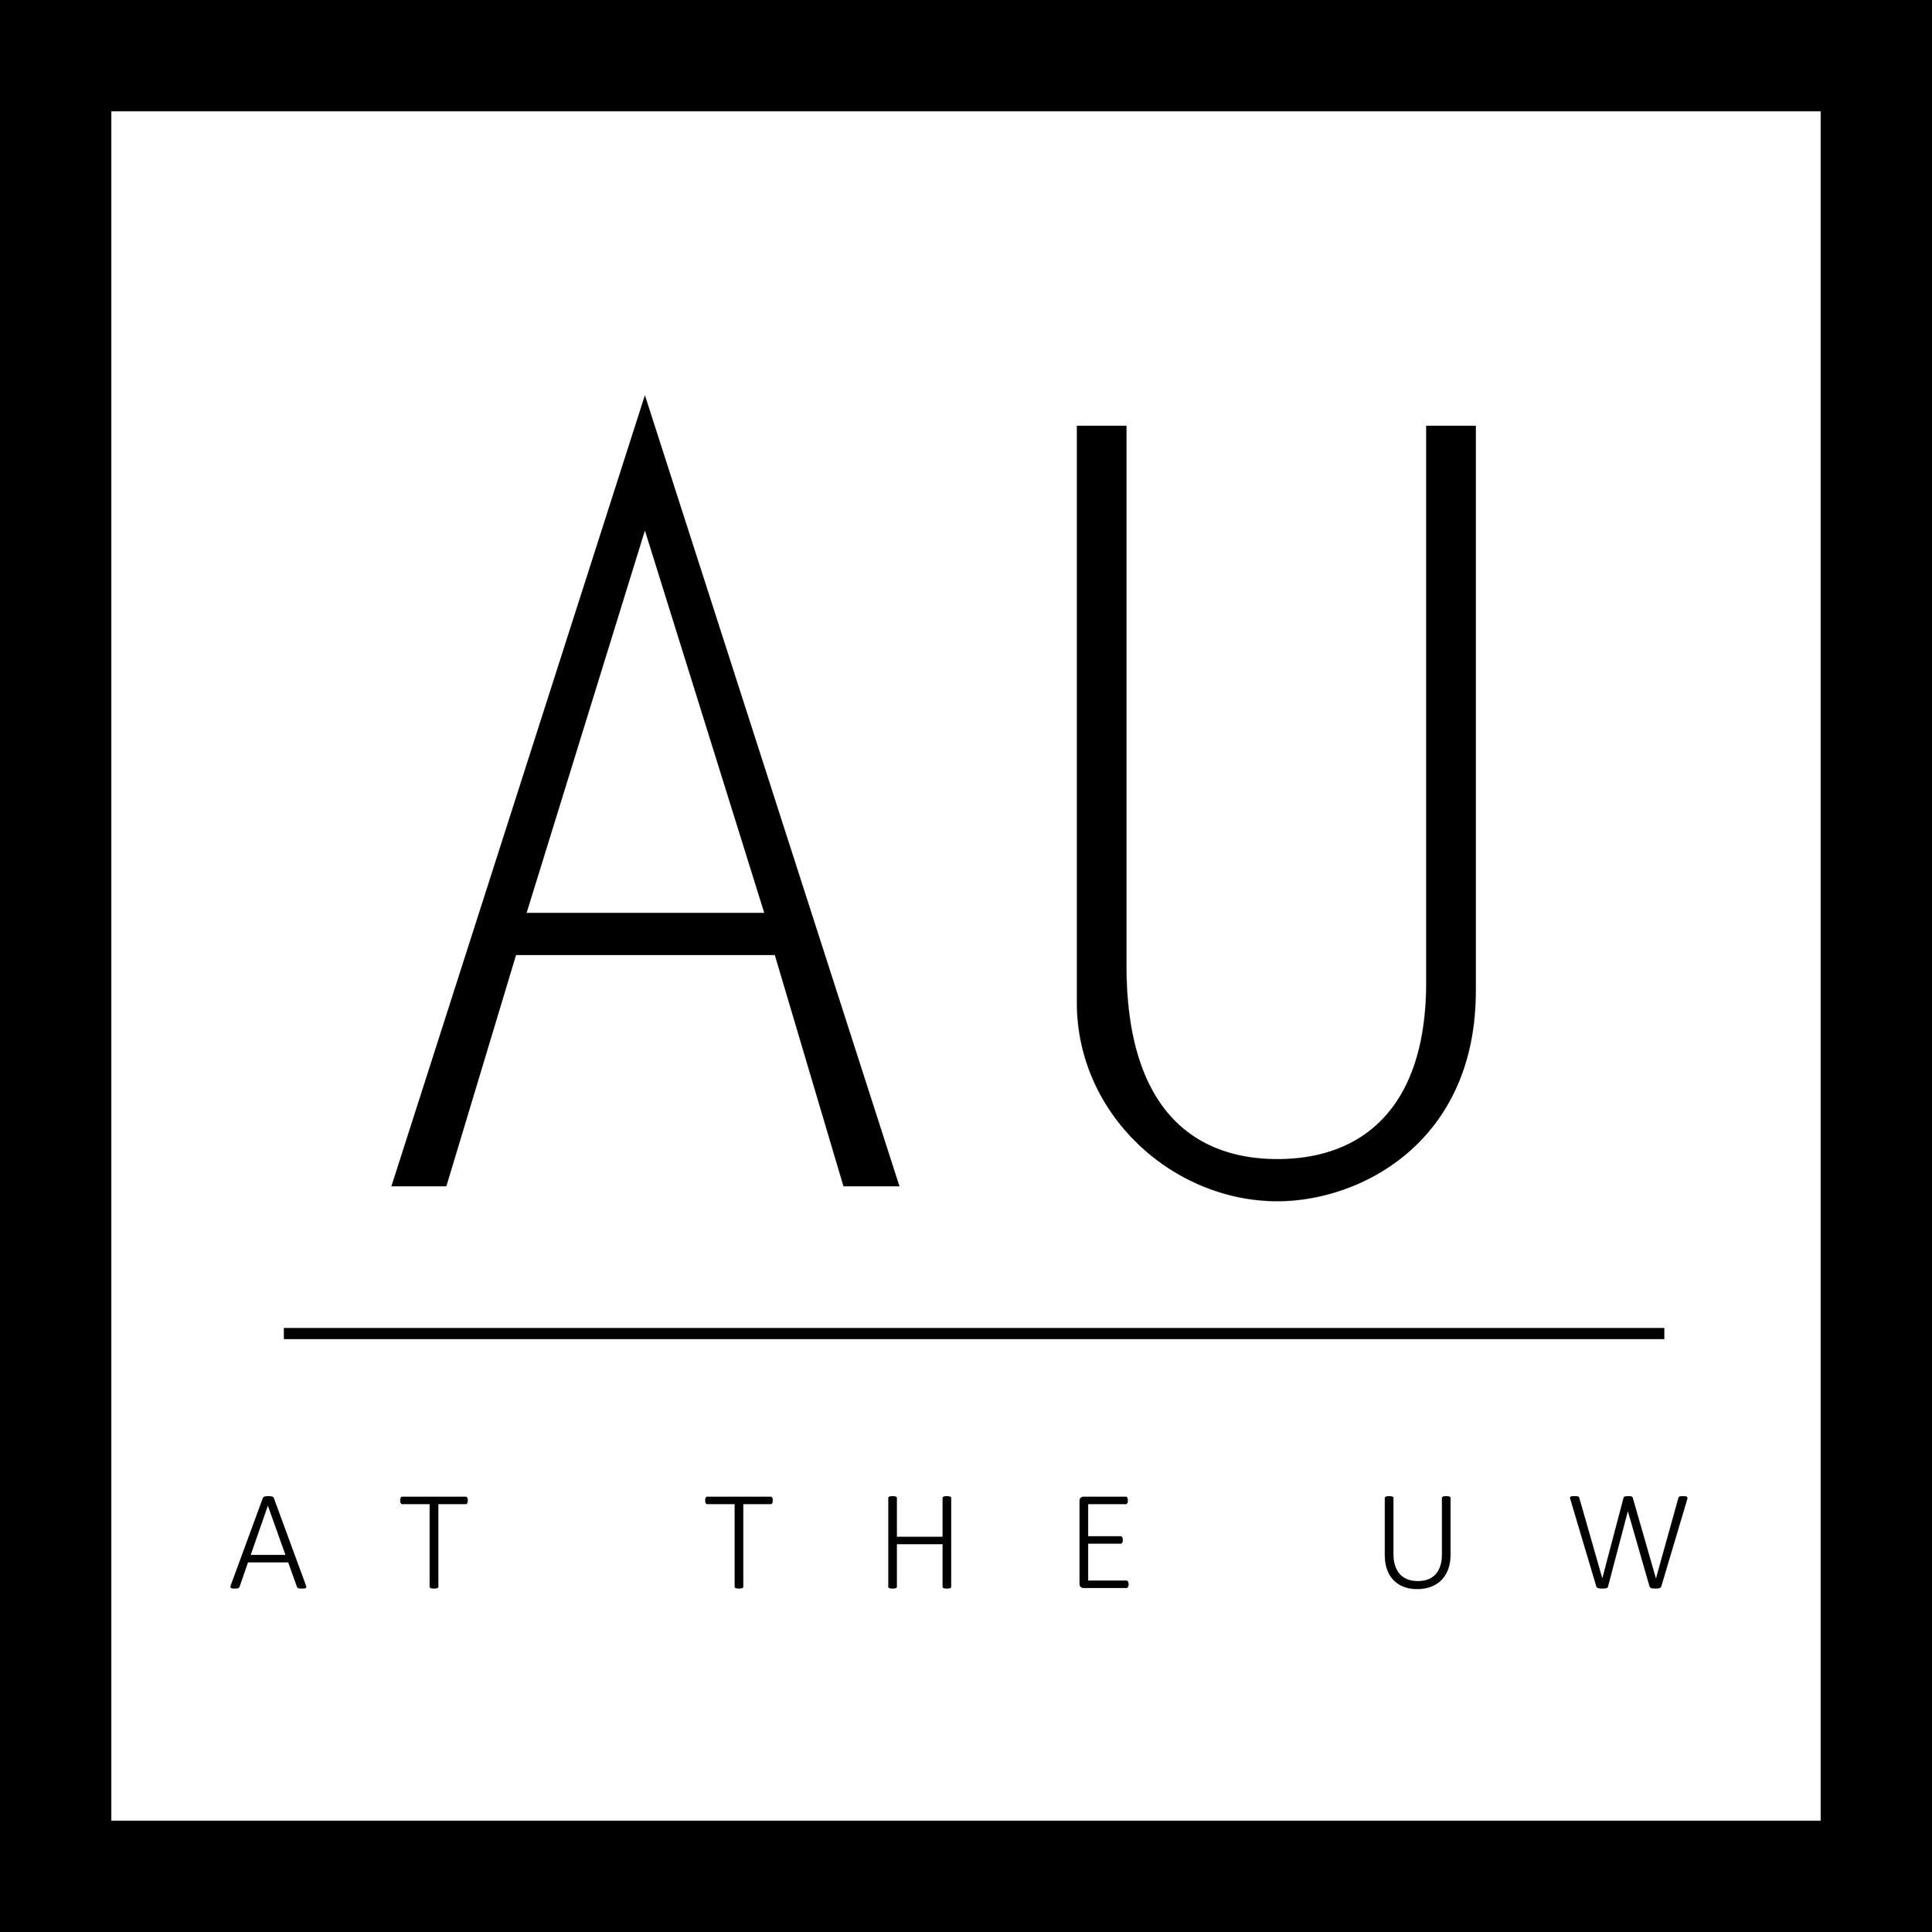 AU at the UW.jpg